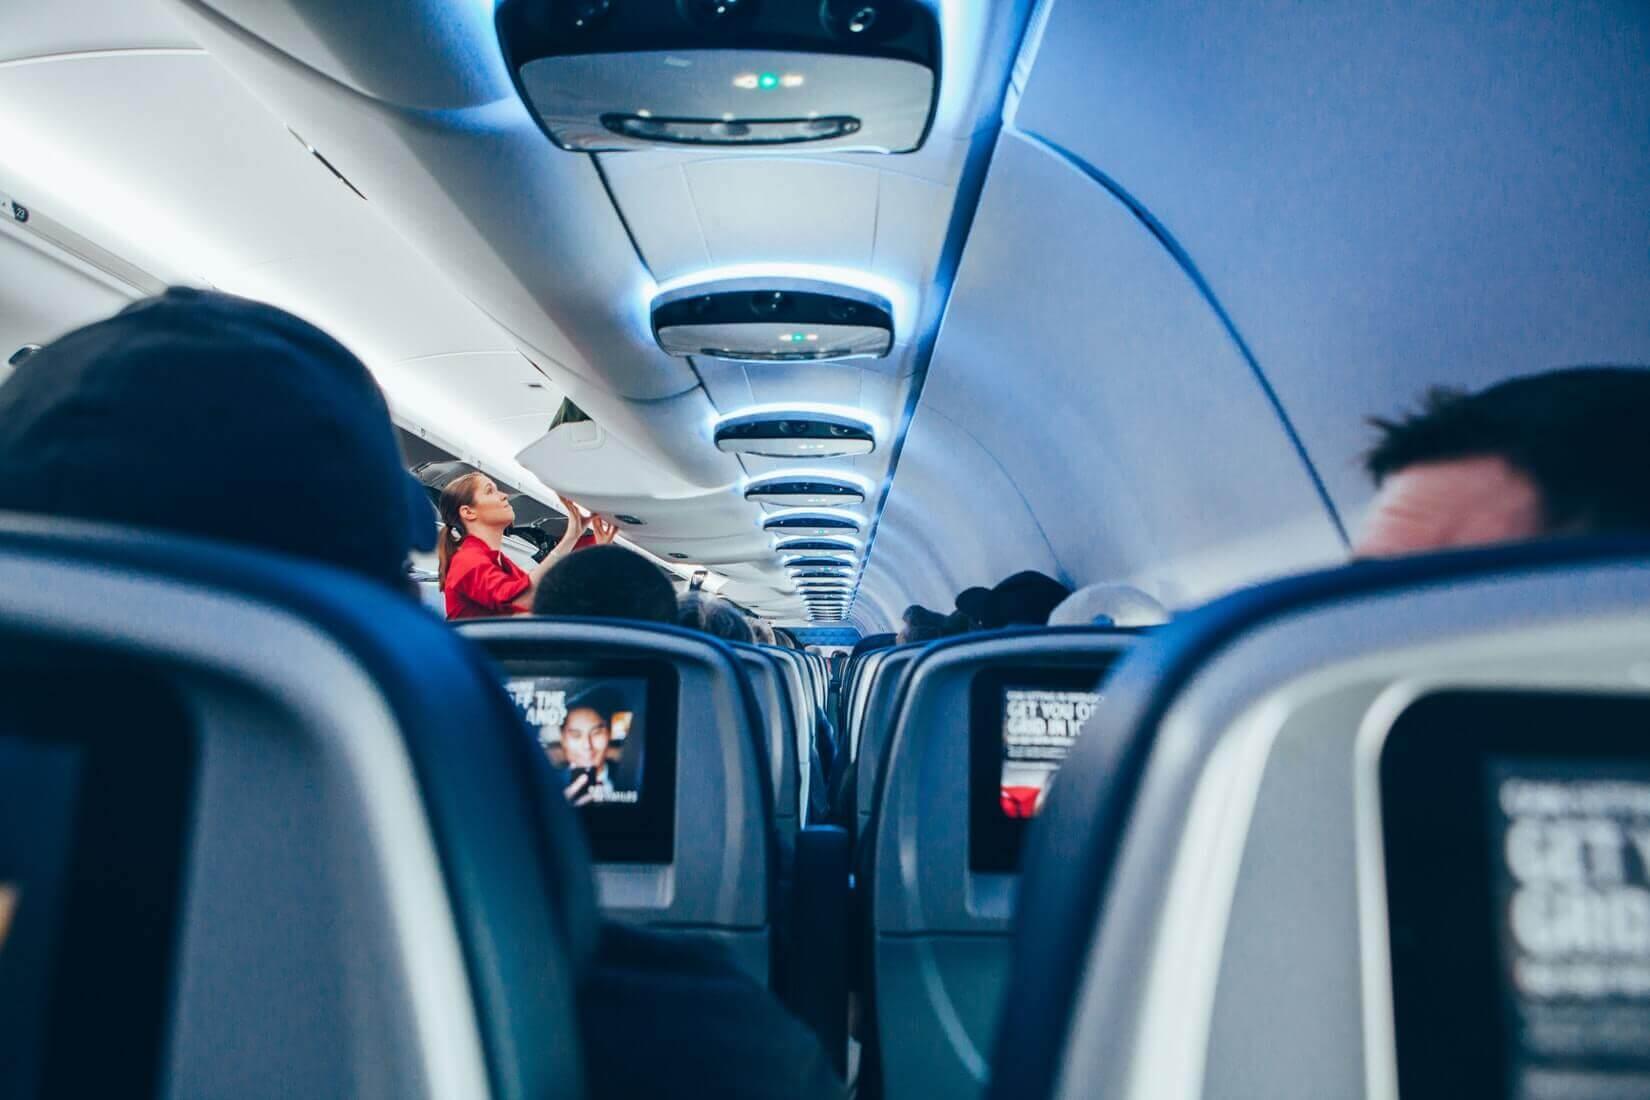 Поясним за новости: будут ли рассаживать семьи в самолёте